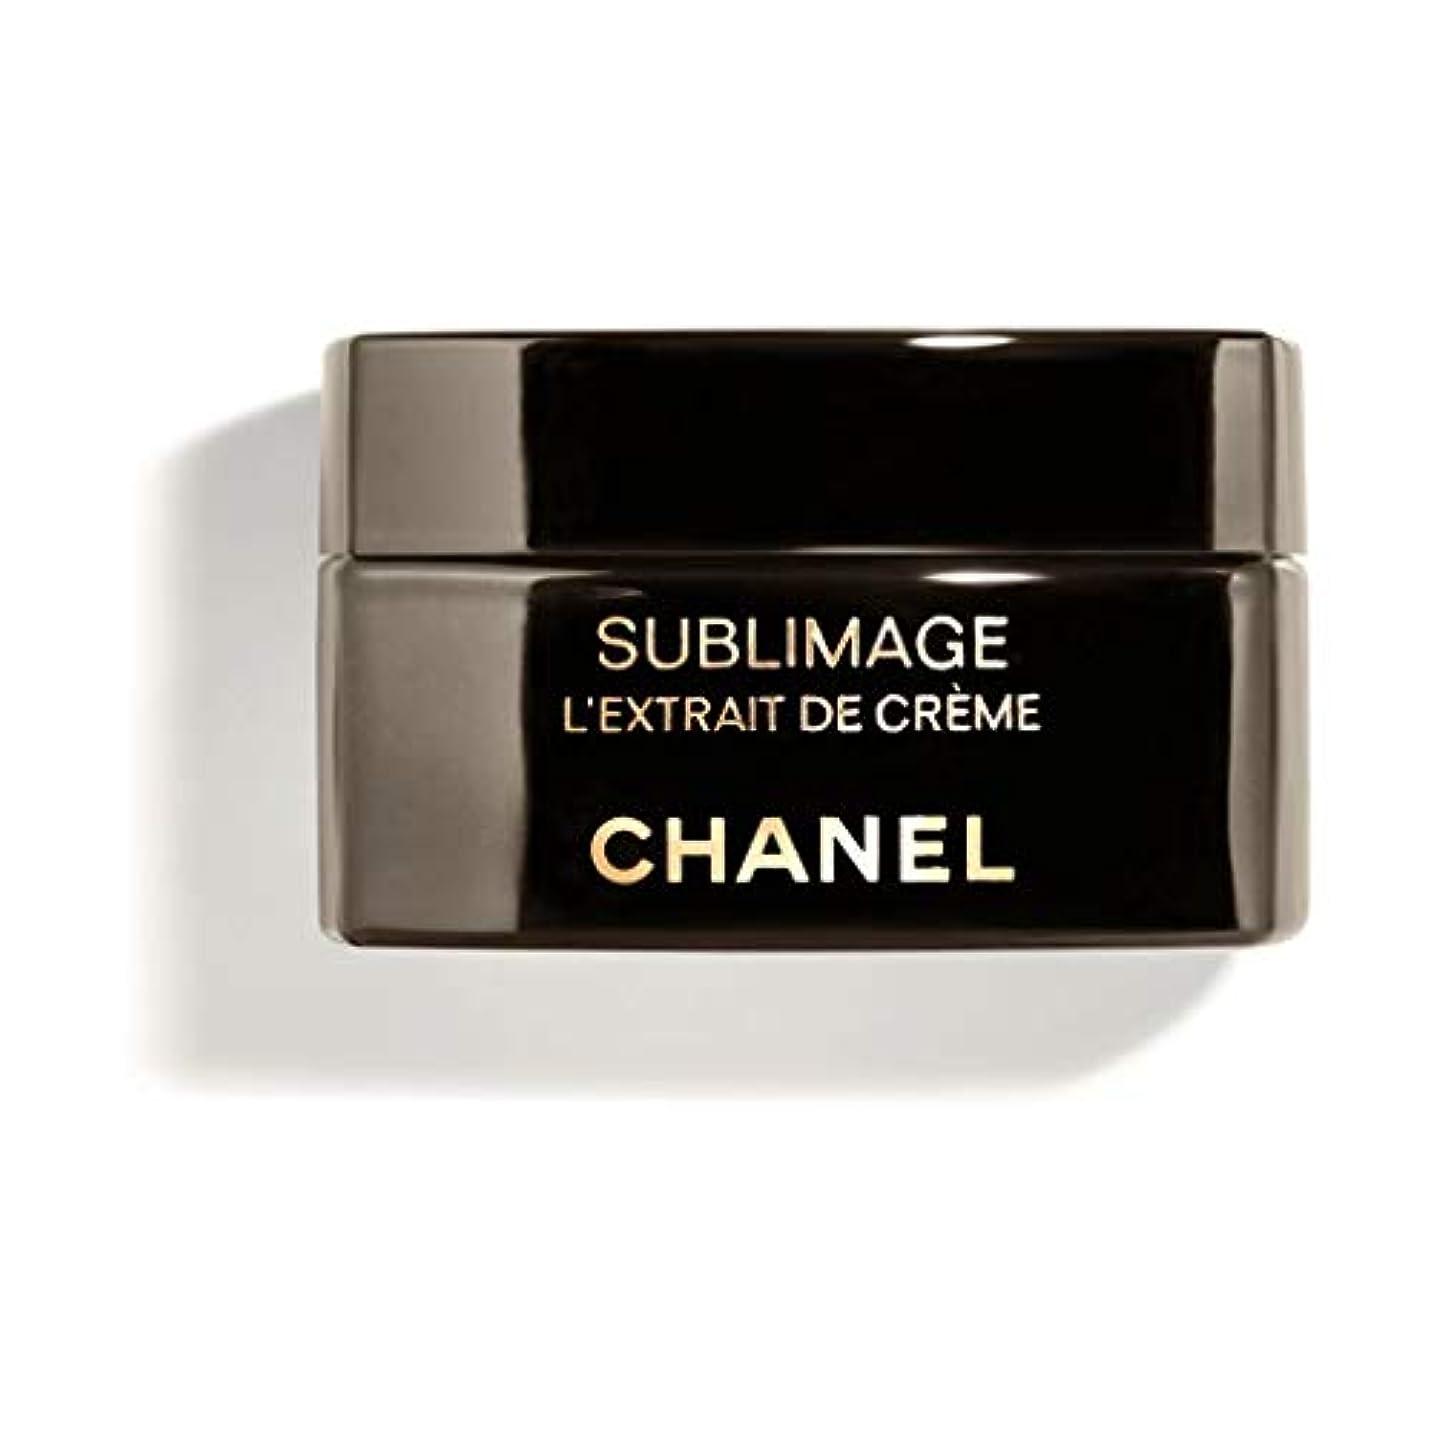 昆虫を見る挨拶する受け皿CHANEL(シャネル) SUBLIMAGE L EXTRAIT DE CREME サブリマージュ レクストレ ドゥ クレーム 50g